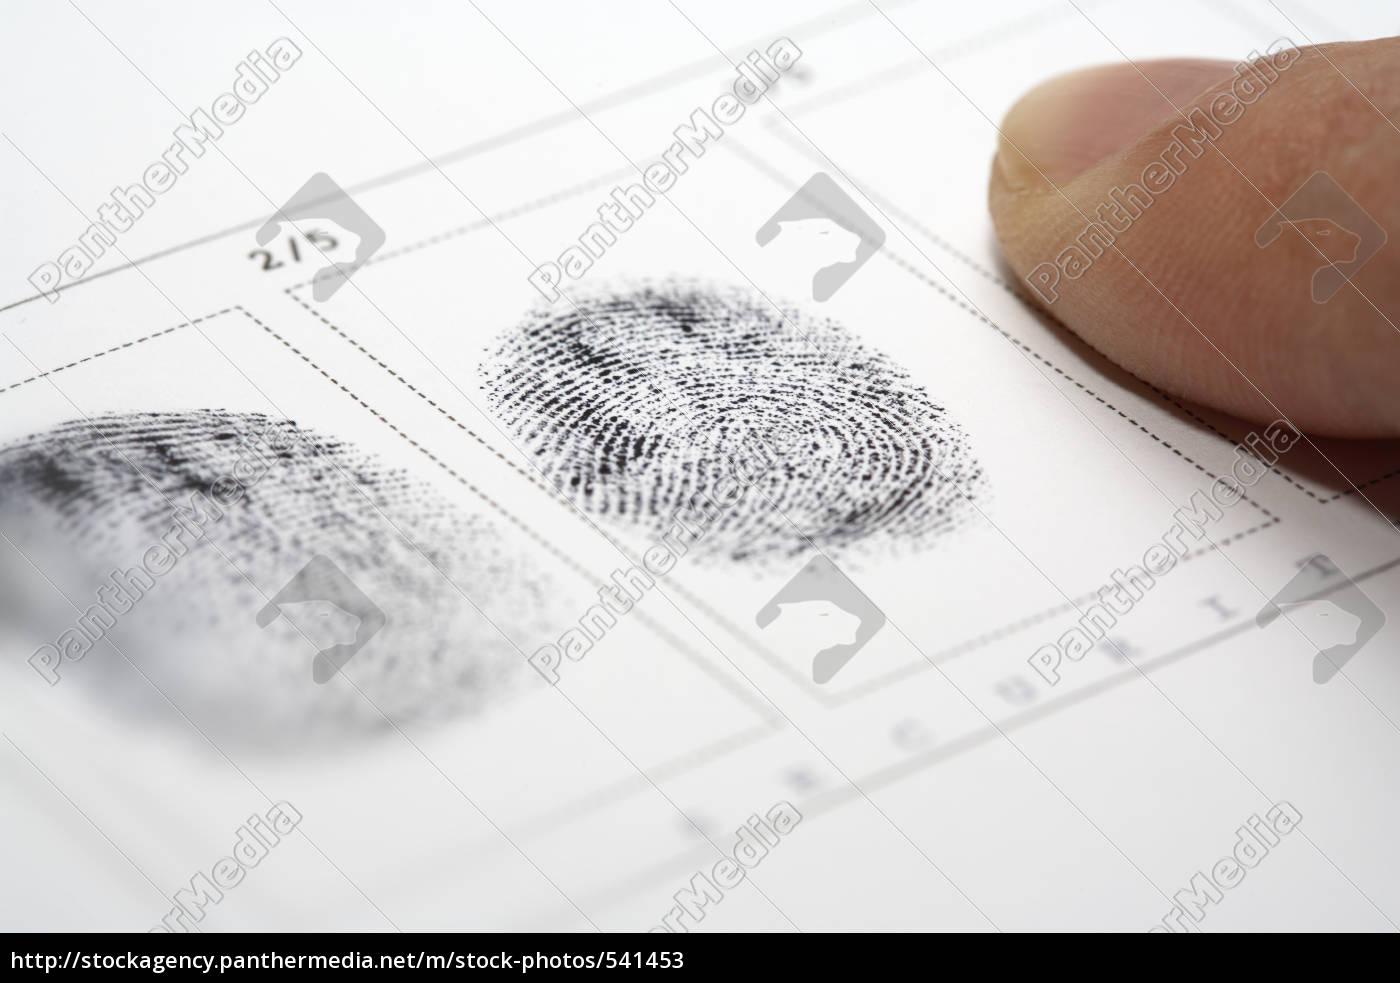 fingerprint - 541453